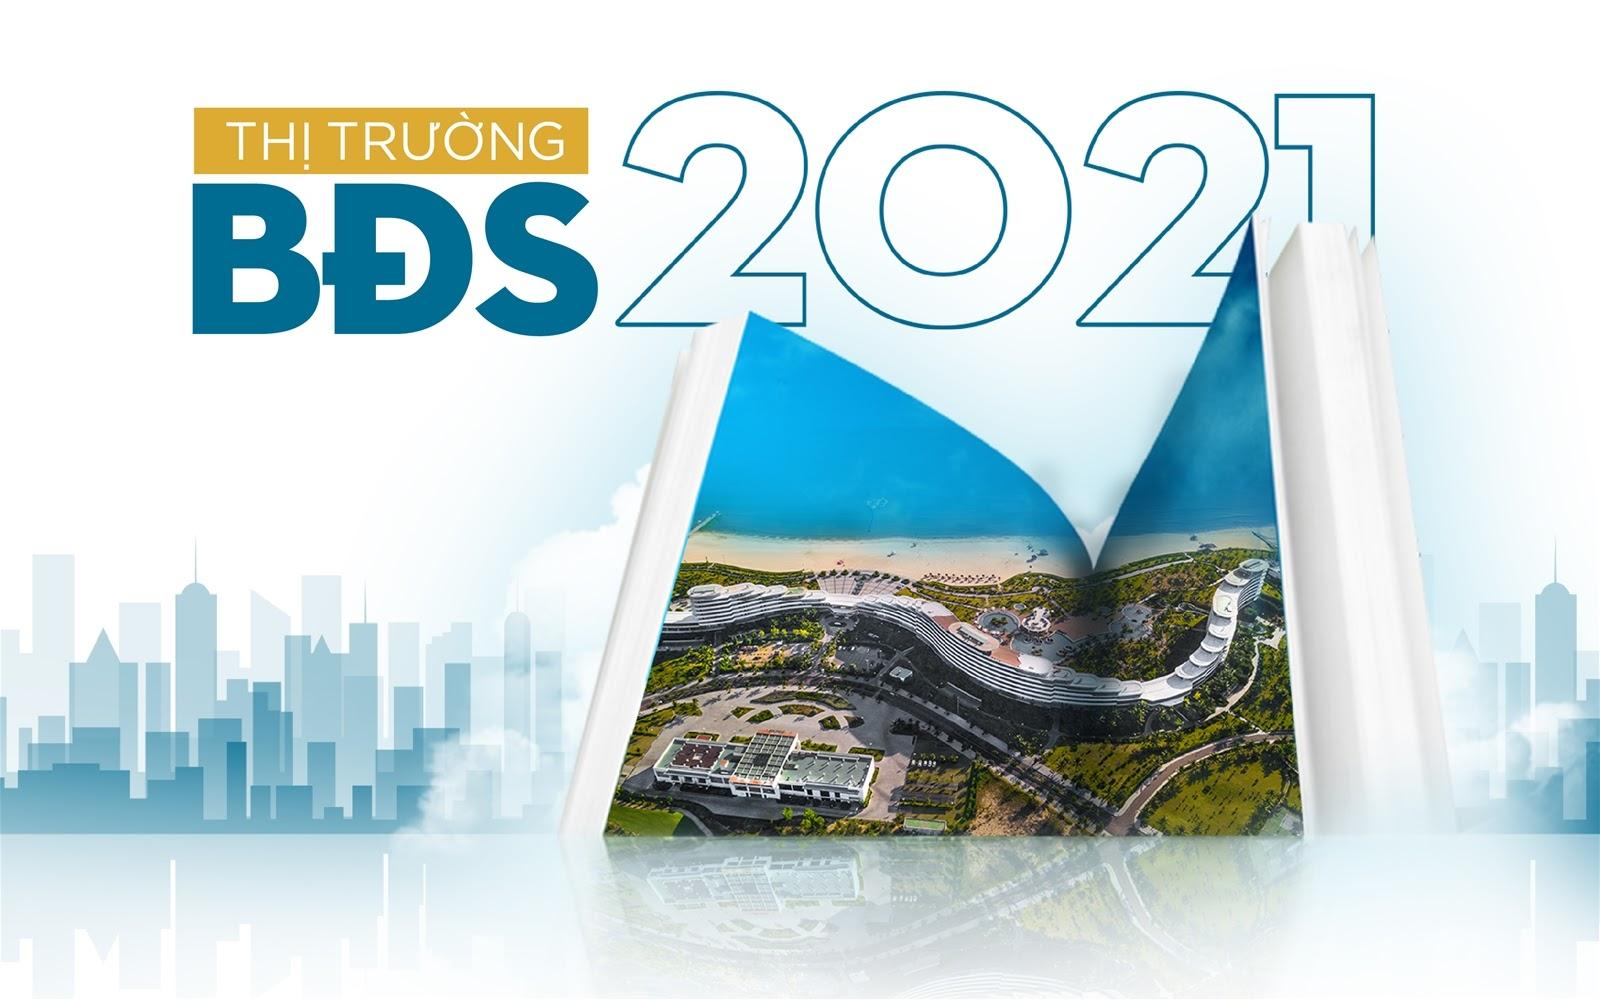 Thị trường bất động sản sôi động lại trong năm 2021: Hàng loạt các dự án bắt đầu mở bán